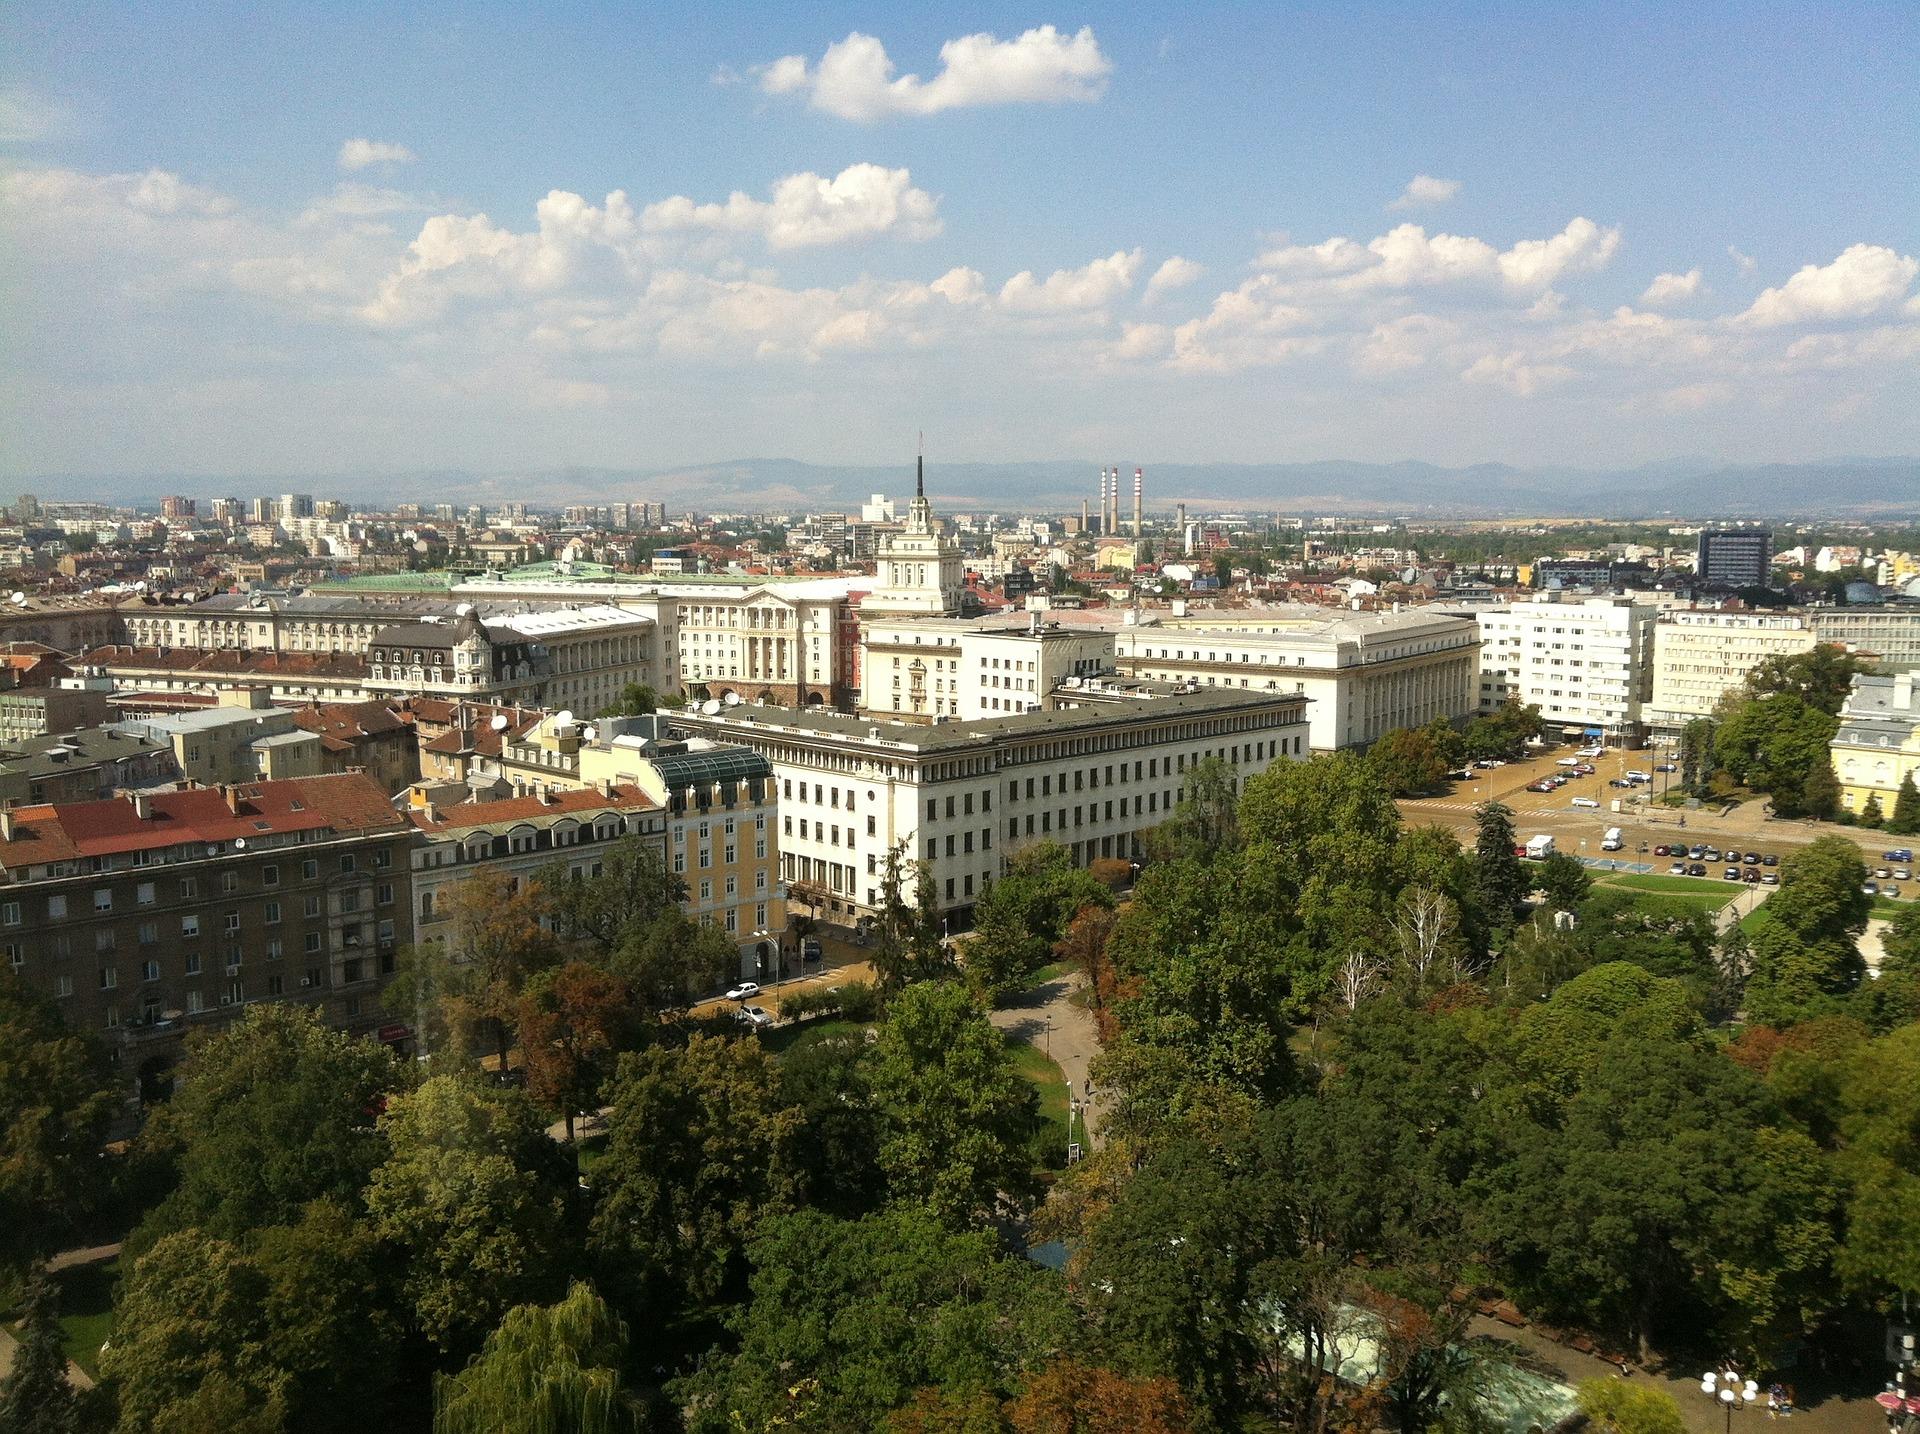 City Center, Sofia, Bulgaria